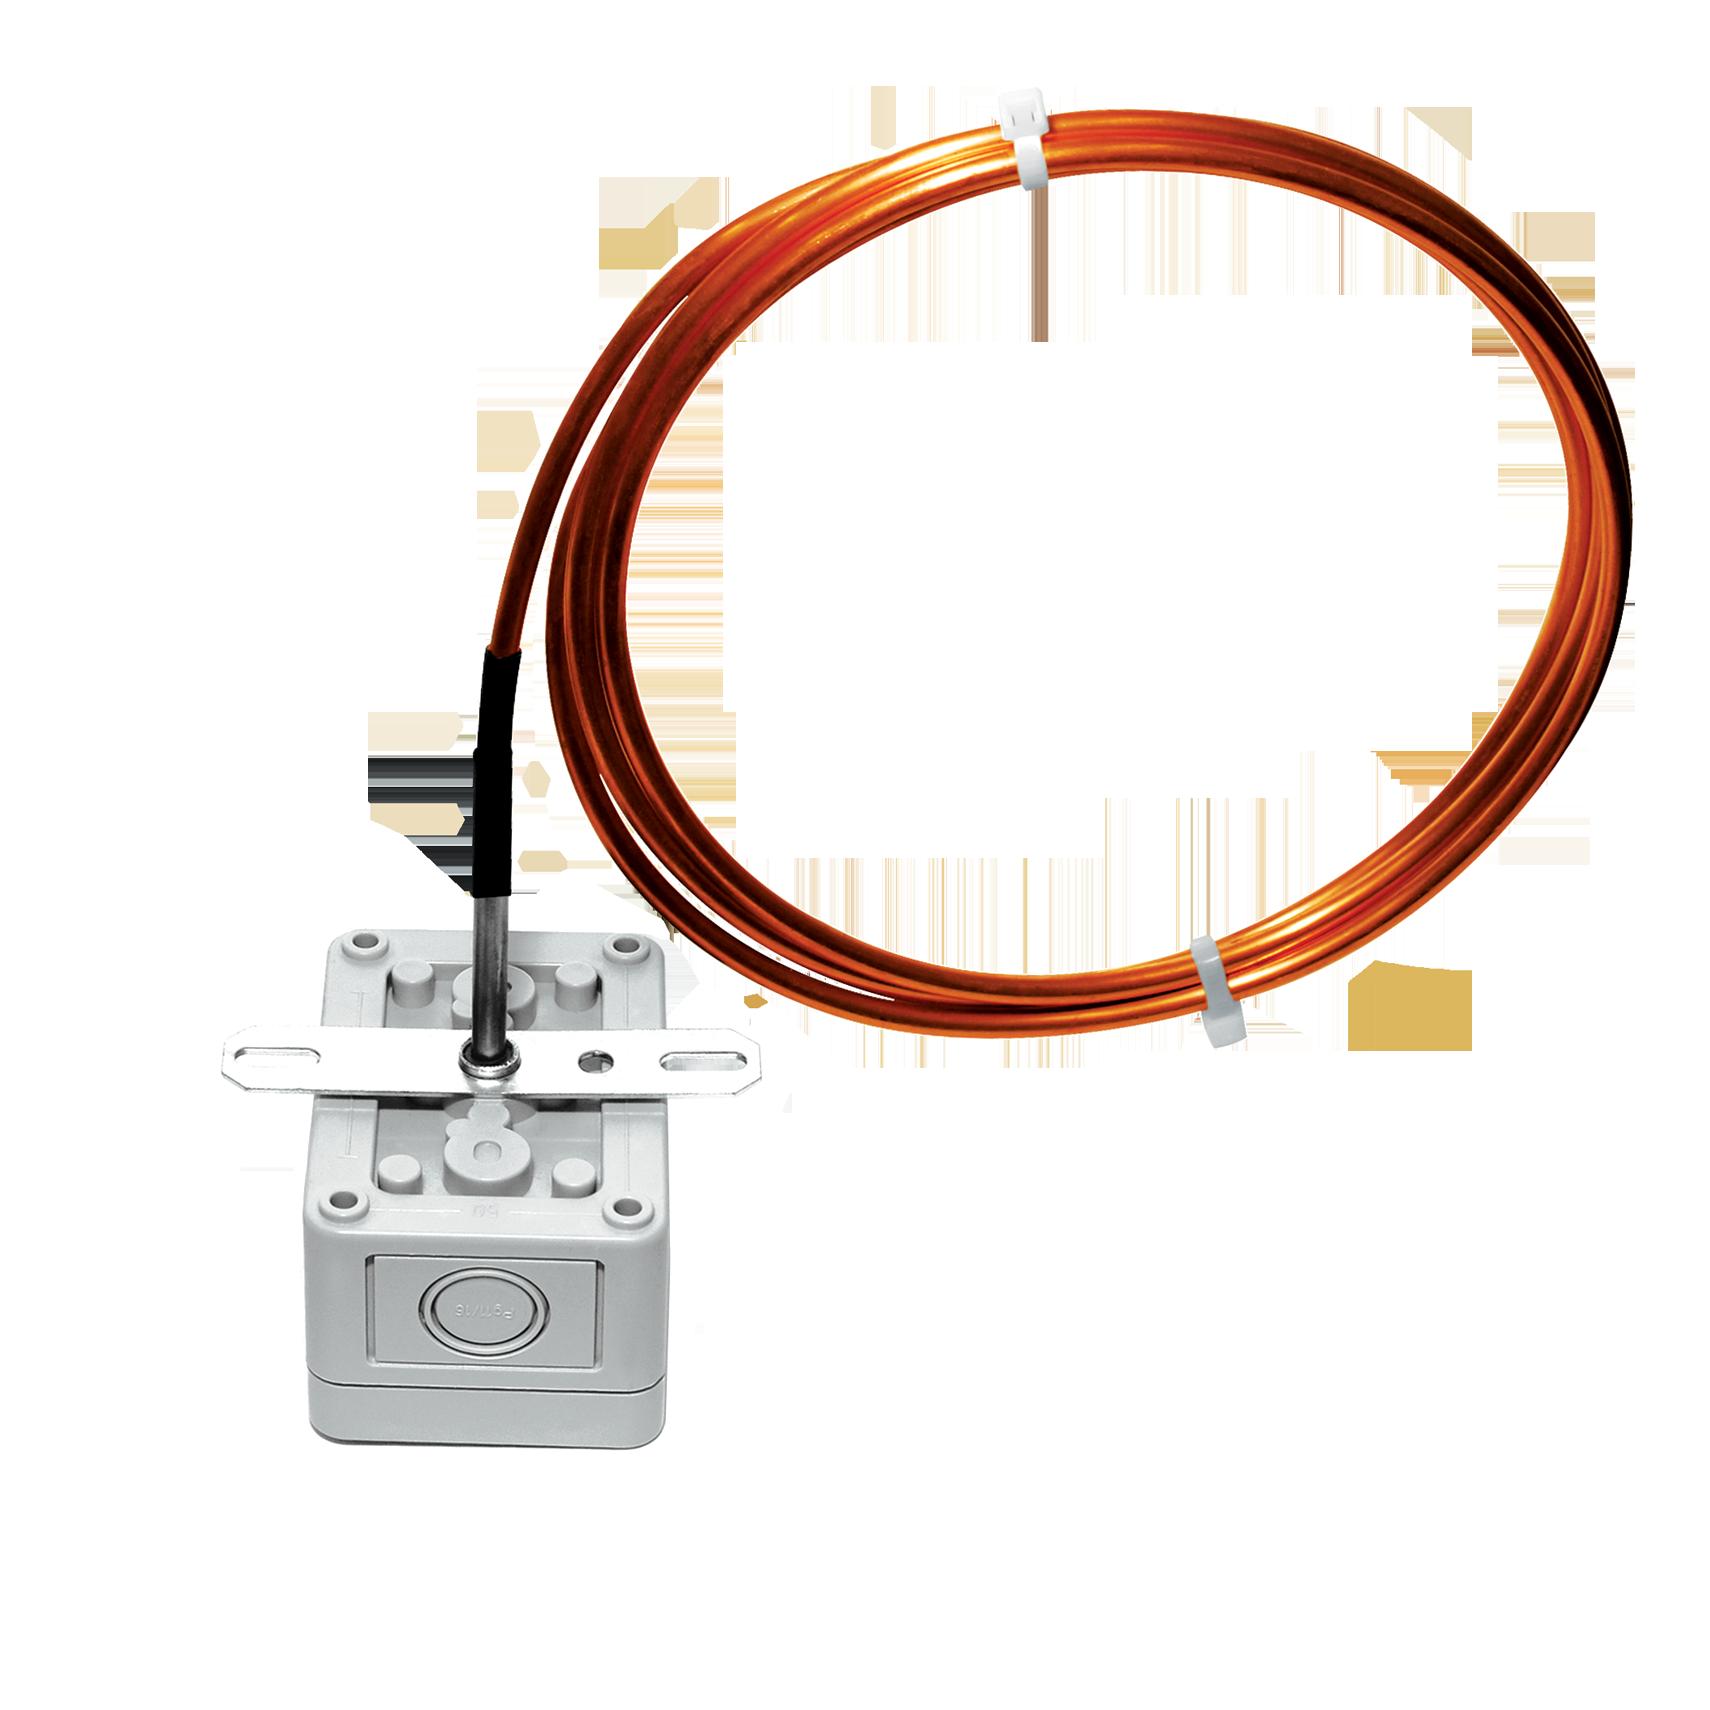 ACI A/592-A-8'-4X Averaging Temperature Sensor